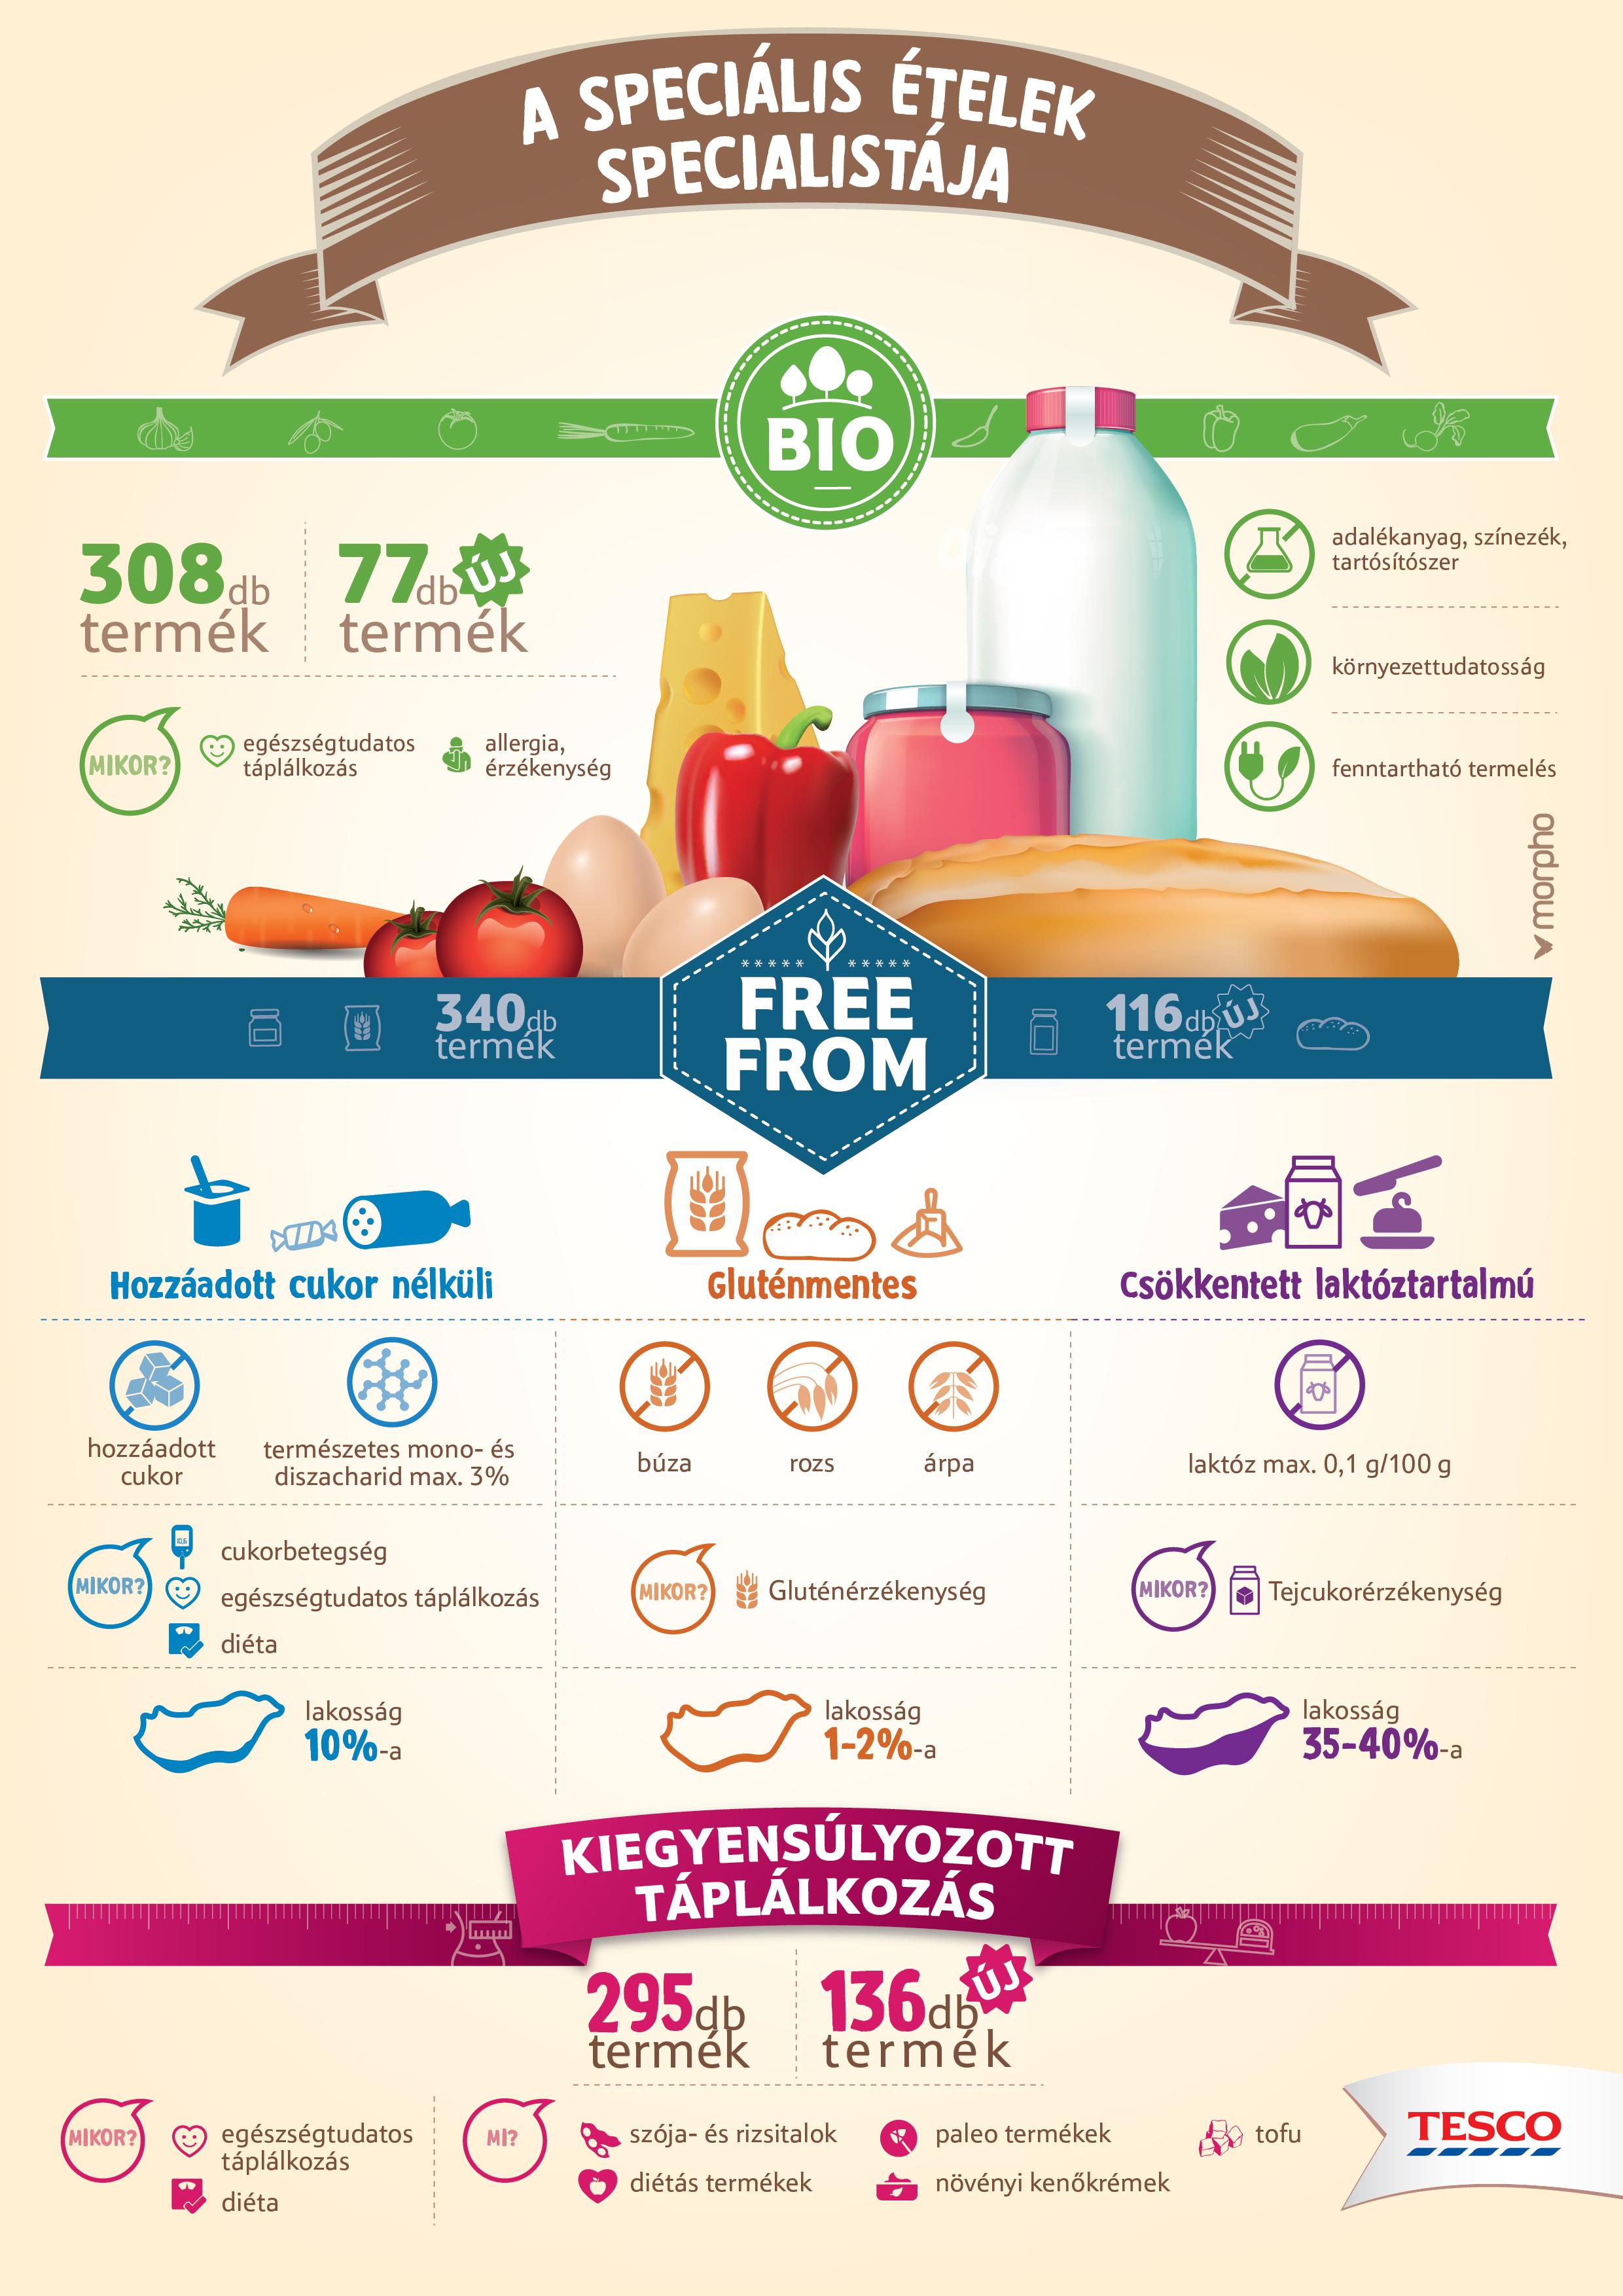 Laktóz és gluténmentes diétás étrend